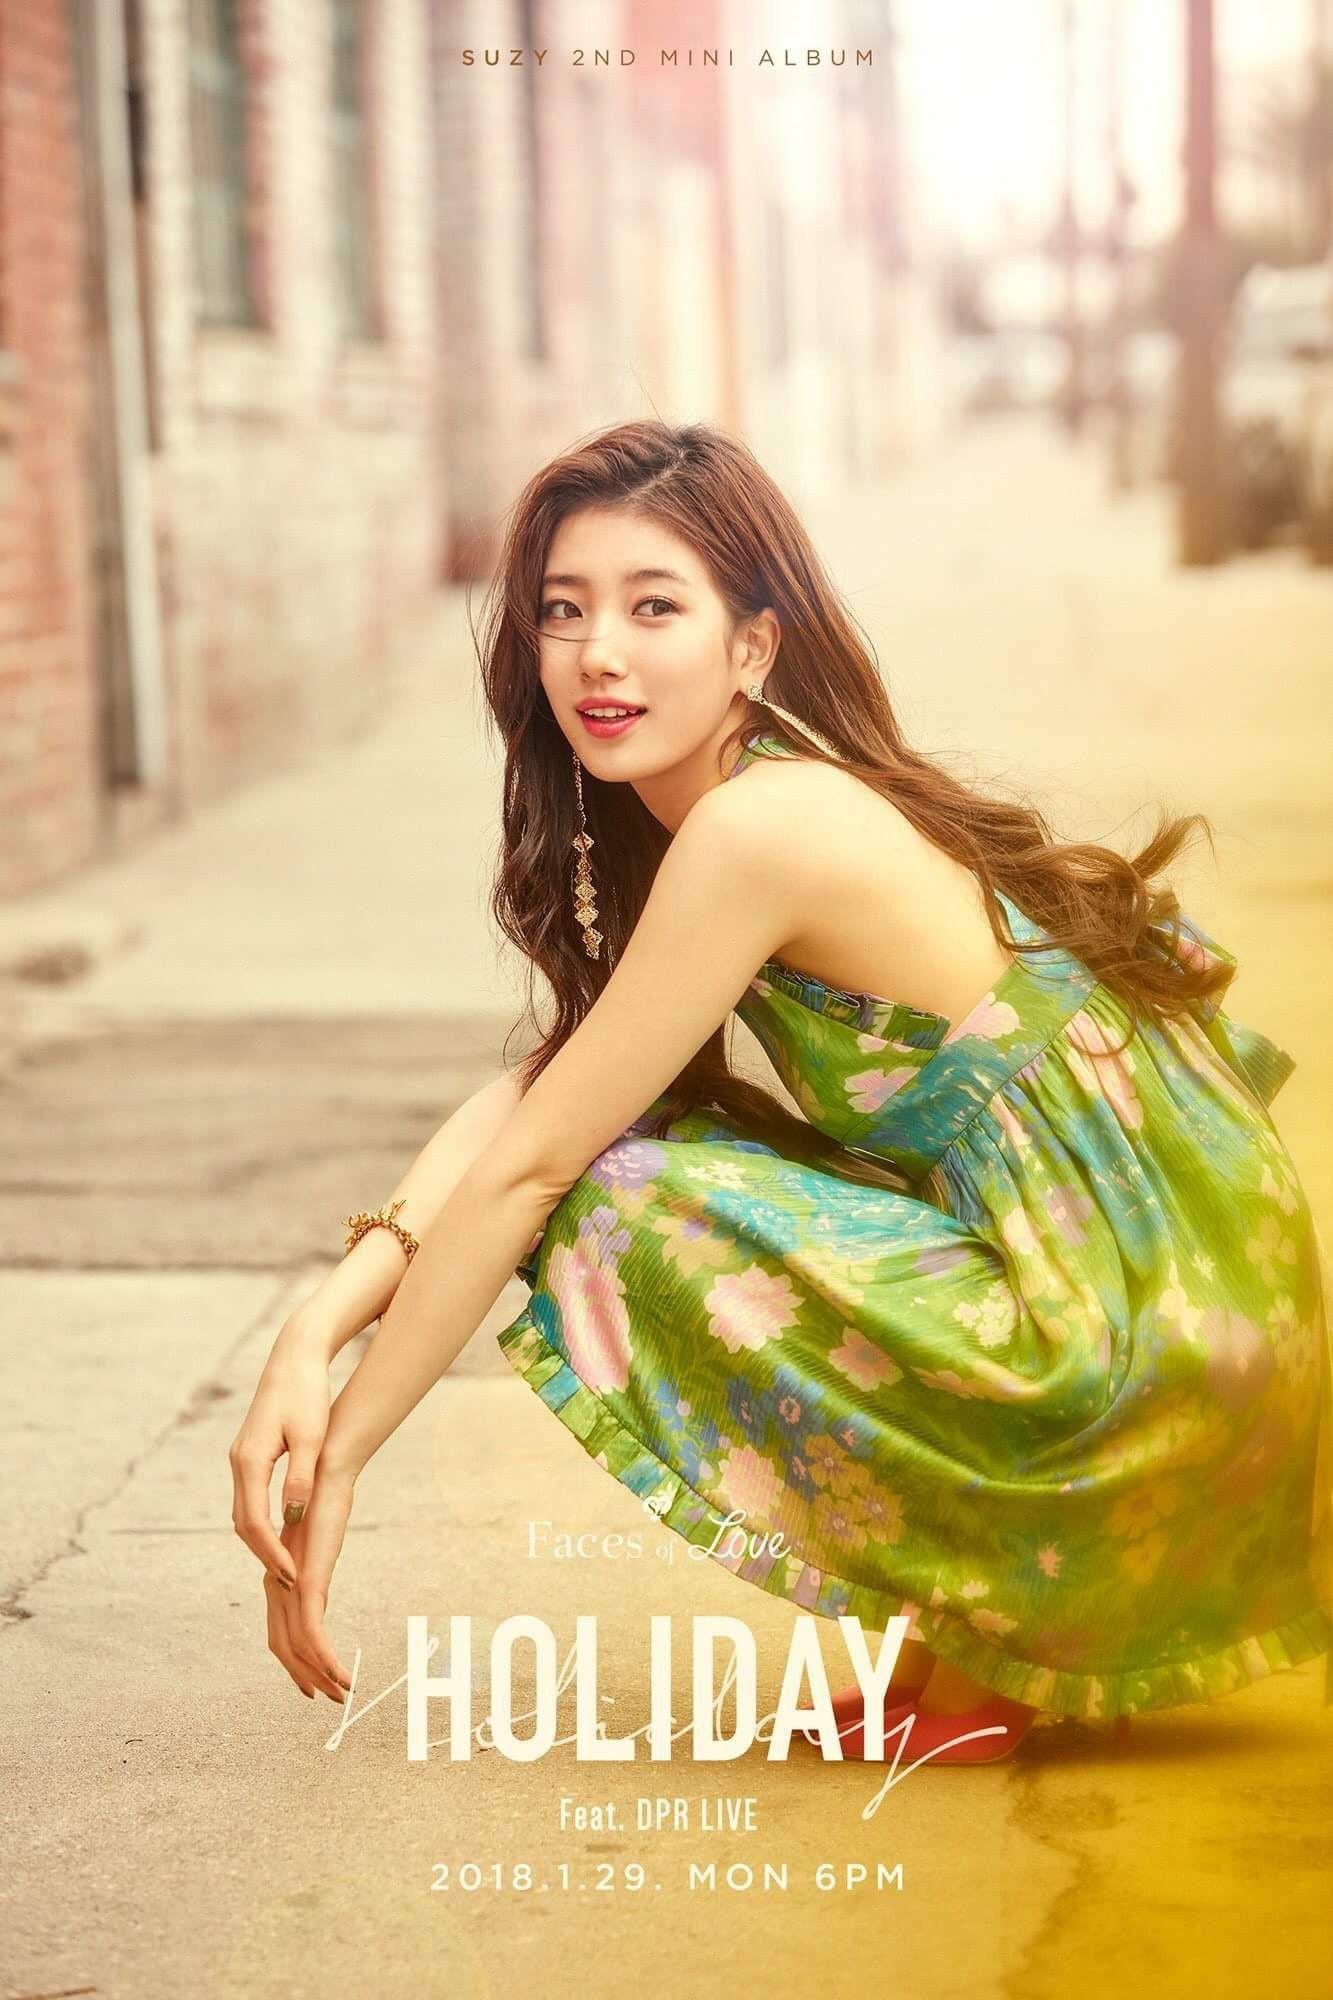 Suzy từng được đàn chị chọn làm đối thủ vì quá xinh đẹp và đáng yêu - Ảnh 5.